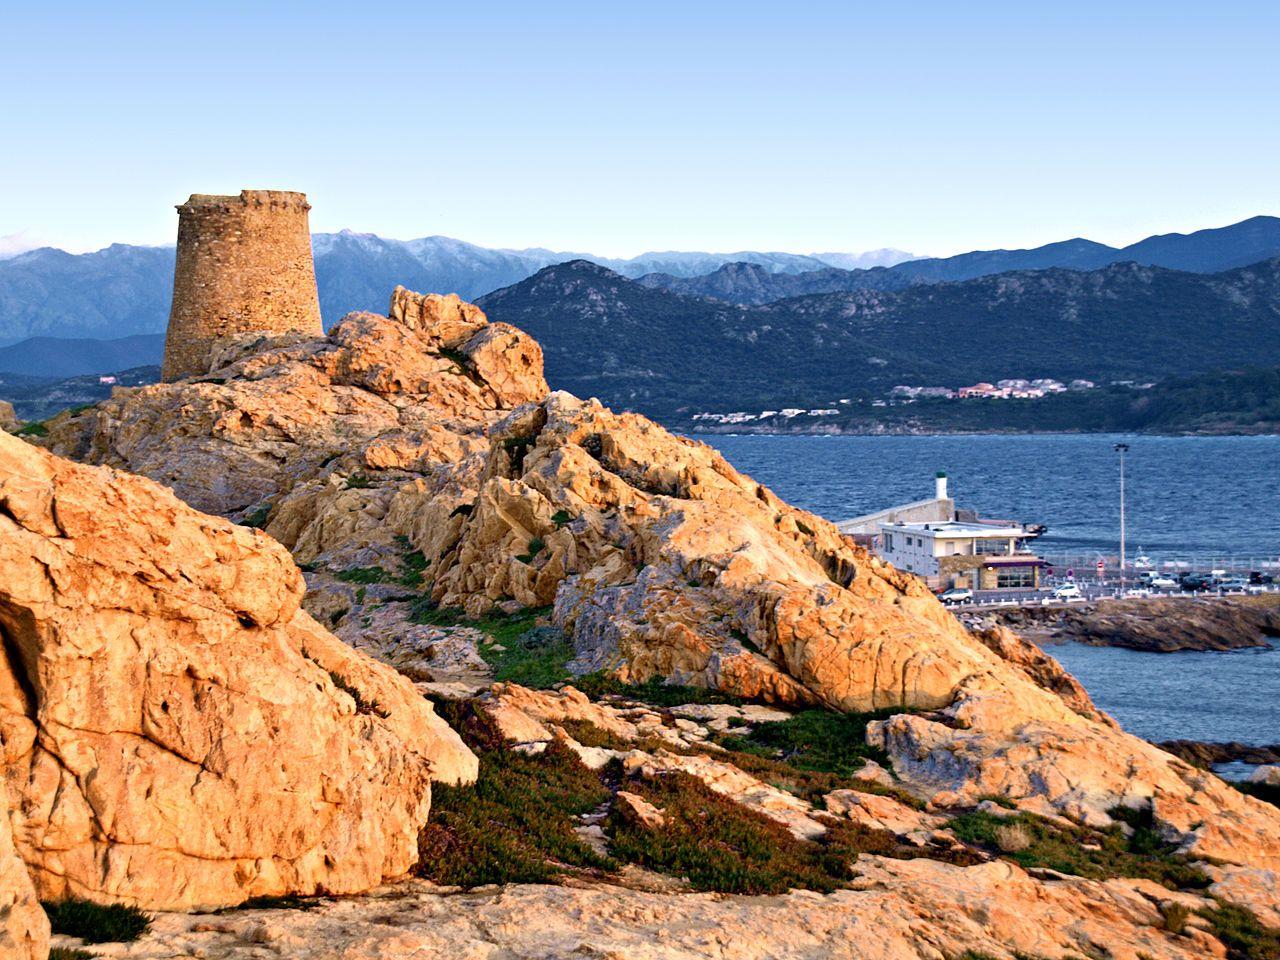 L Ile Rousse Corsica La Tour Genoise De La Pietra Ile Rousse Haute Corse Corse France